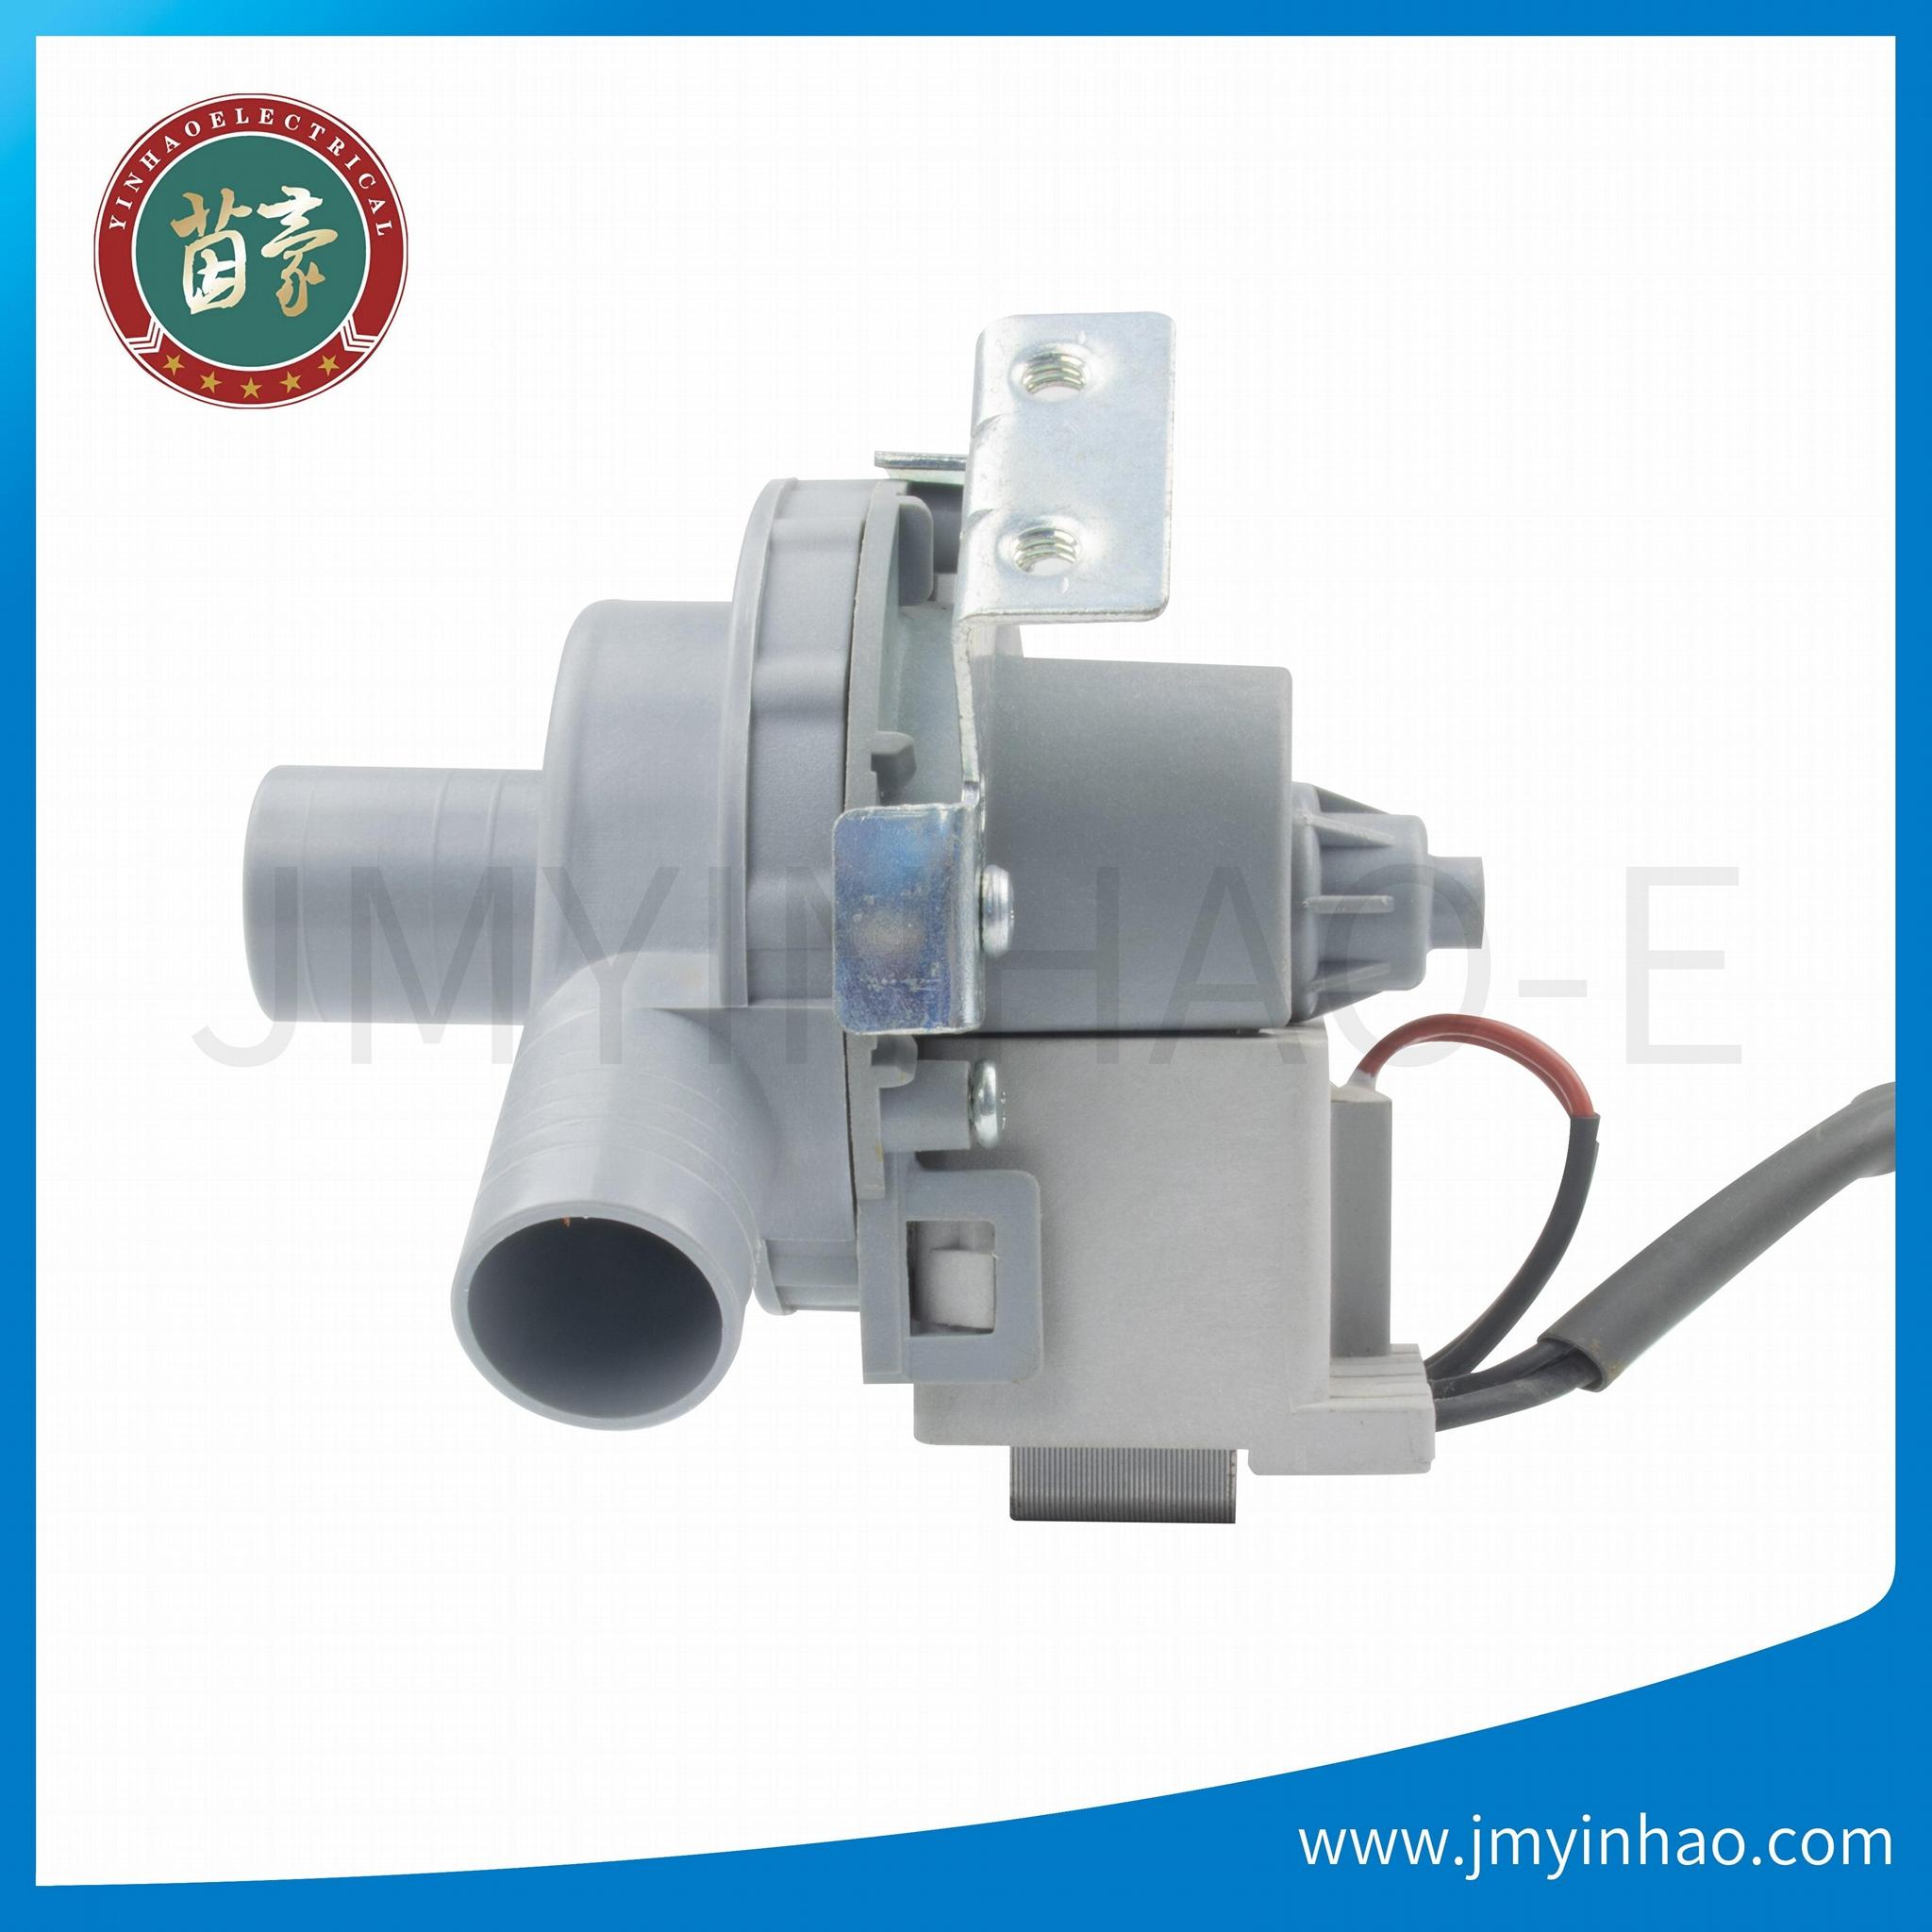 220V 滚筒洗衣机排水泵同步电机 2